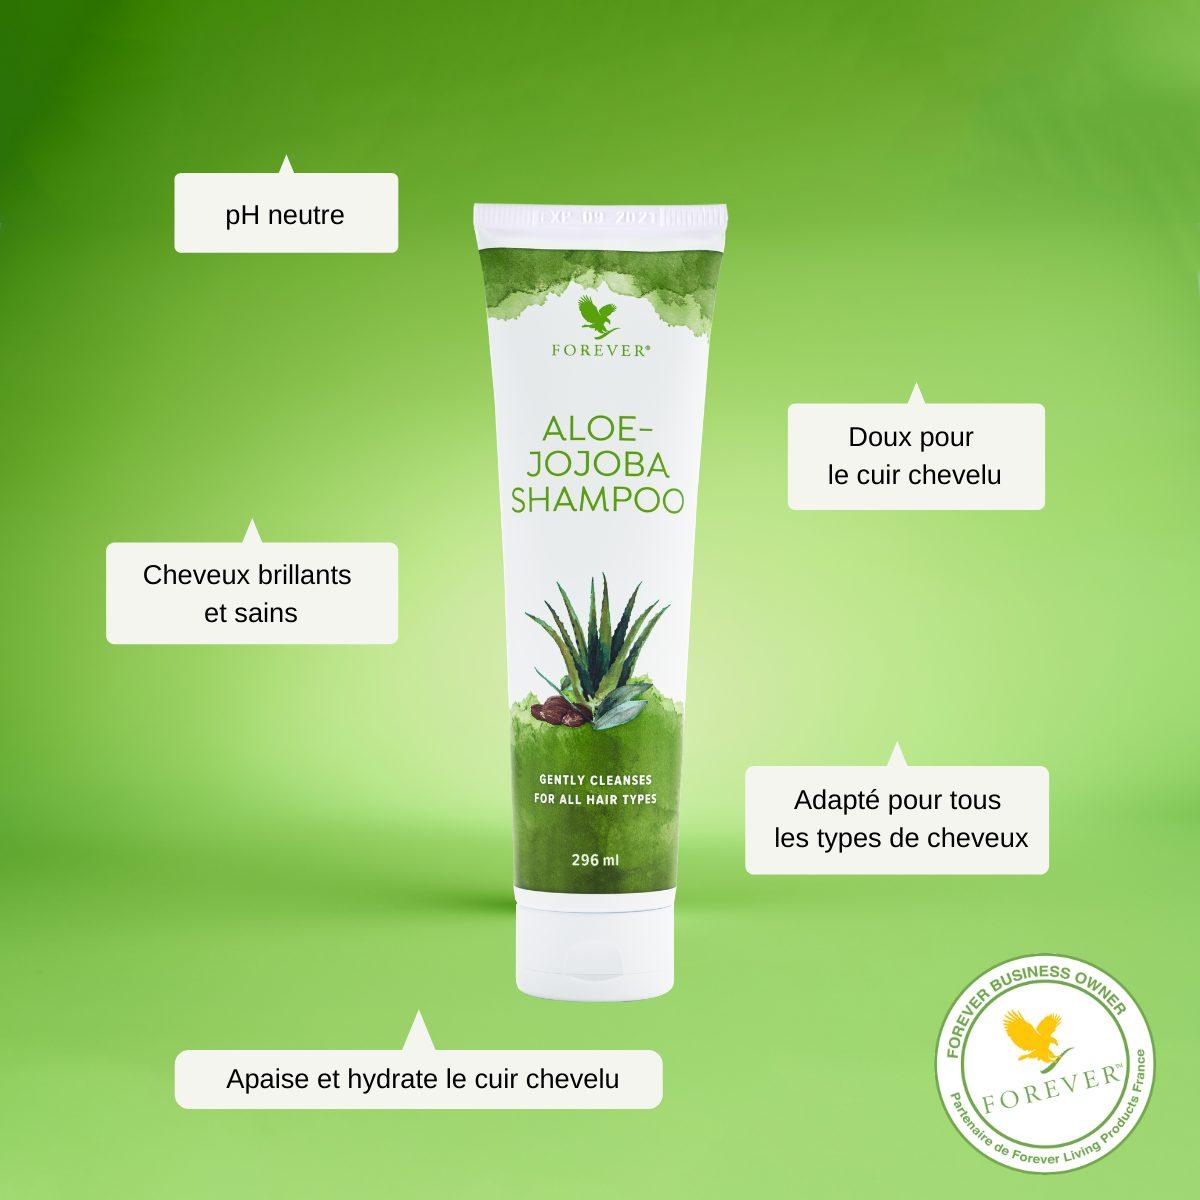 shampoing aloe jojoba forever